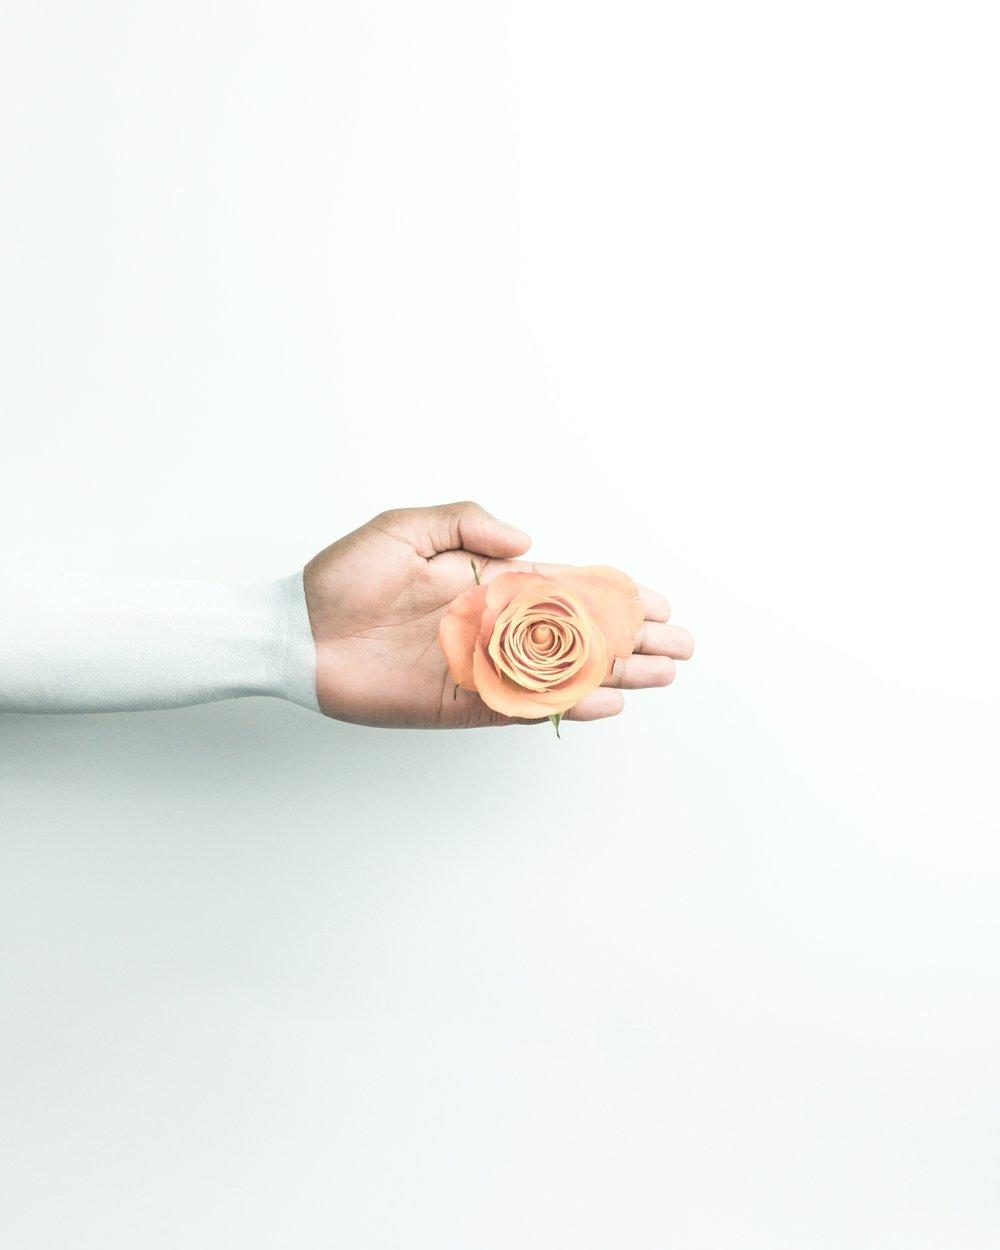 Uso della Crema Depigmentante - !!! La Crema Depigmentante è efficace sulle sole macchie da Iperproduzione di melanina, su ogni altra macchia la Crema è totalmente inefficace, è necessaria una visita dermatologica per capire l'origine della macchia.!!! La crema ha effetto solo se l'origine della macchia viene individuata ed eliminata.!!! La Crema Deve essere applicata con la massima costanza due volte al giorno, l'uso saltuario ne compromette l'efficacia.!!! L'azione della Crema Depigmentante è visibile dopo che la pelle ha cambiato il primo strato di pelle (in media servono 29 gg la tempistica è indicativa, dipende da soggetto a soggetto), la pelle è composta da cinque strati, il trattamento da' risultati quando viene completato l'intero ciclo di cambio di tutti gli strati di pelle, ovvero circa 5 mesi.